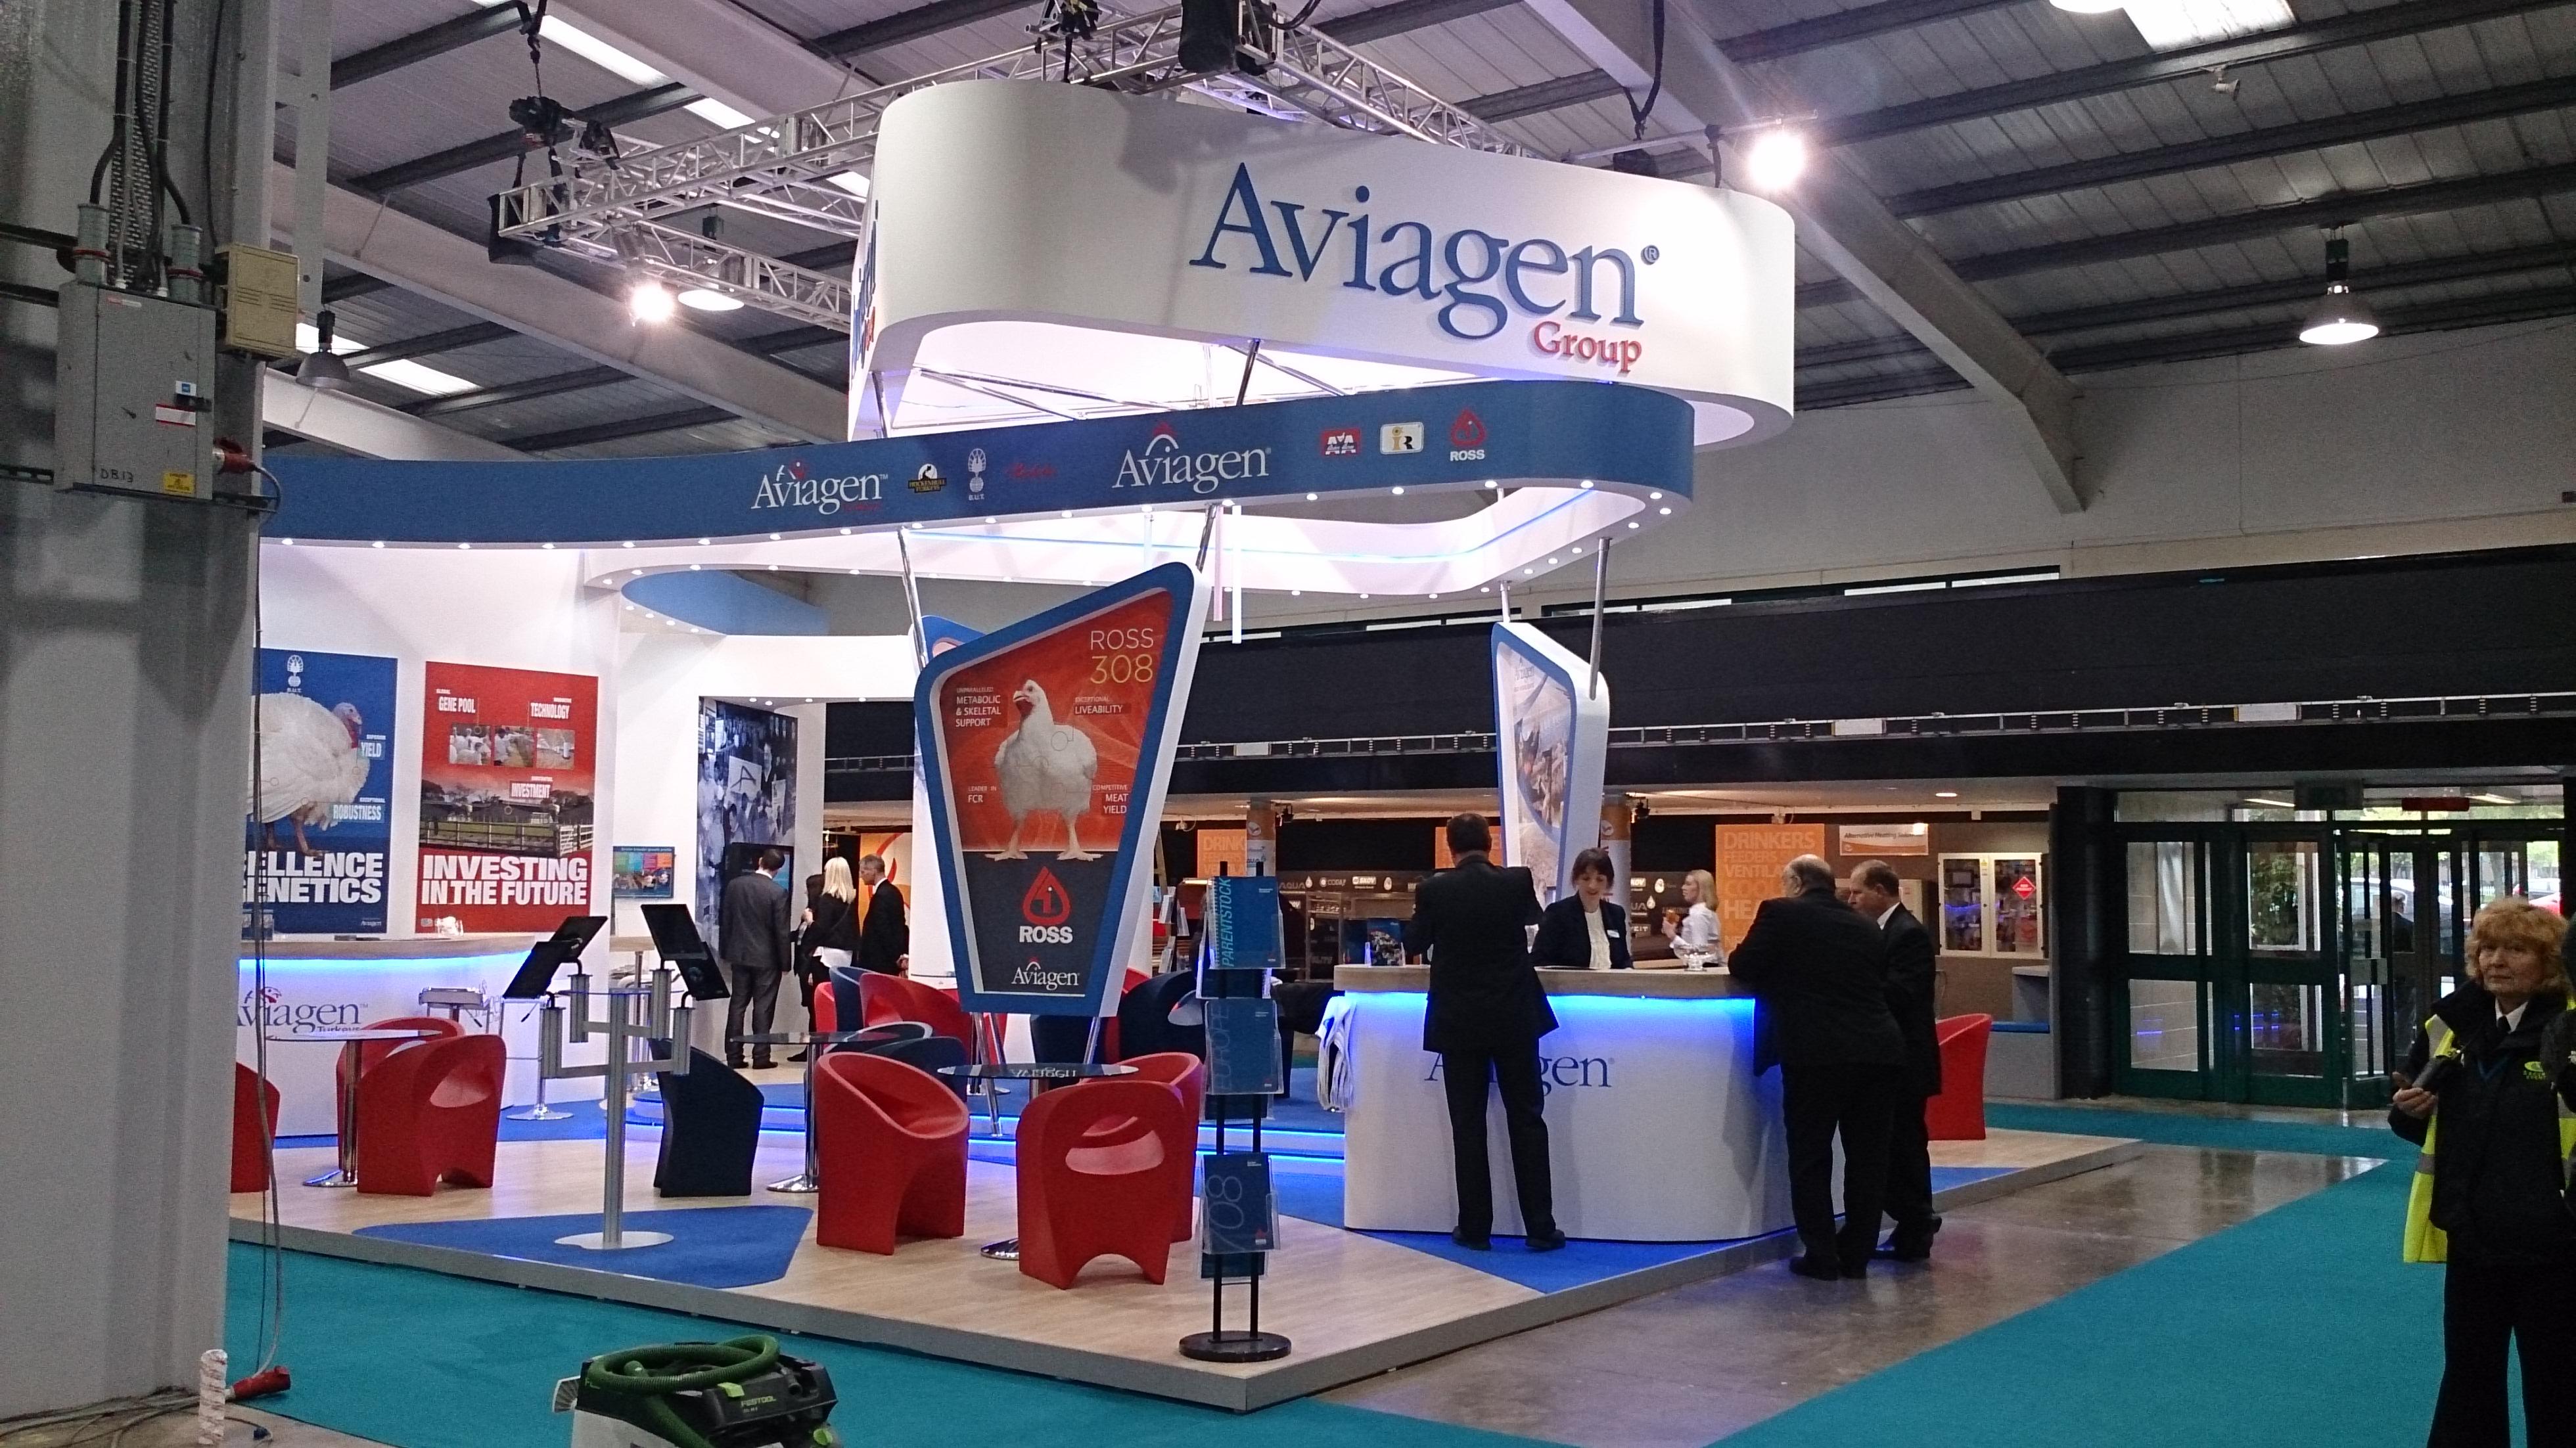 Aviagen-exhibition-stand-reception